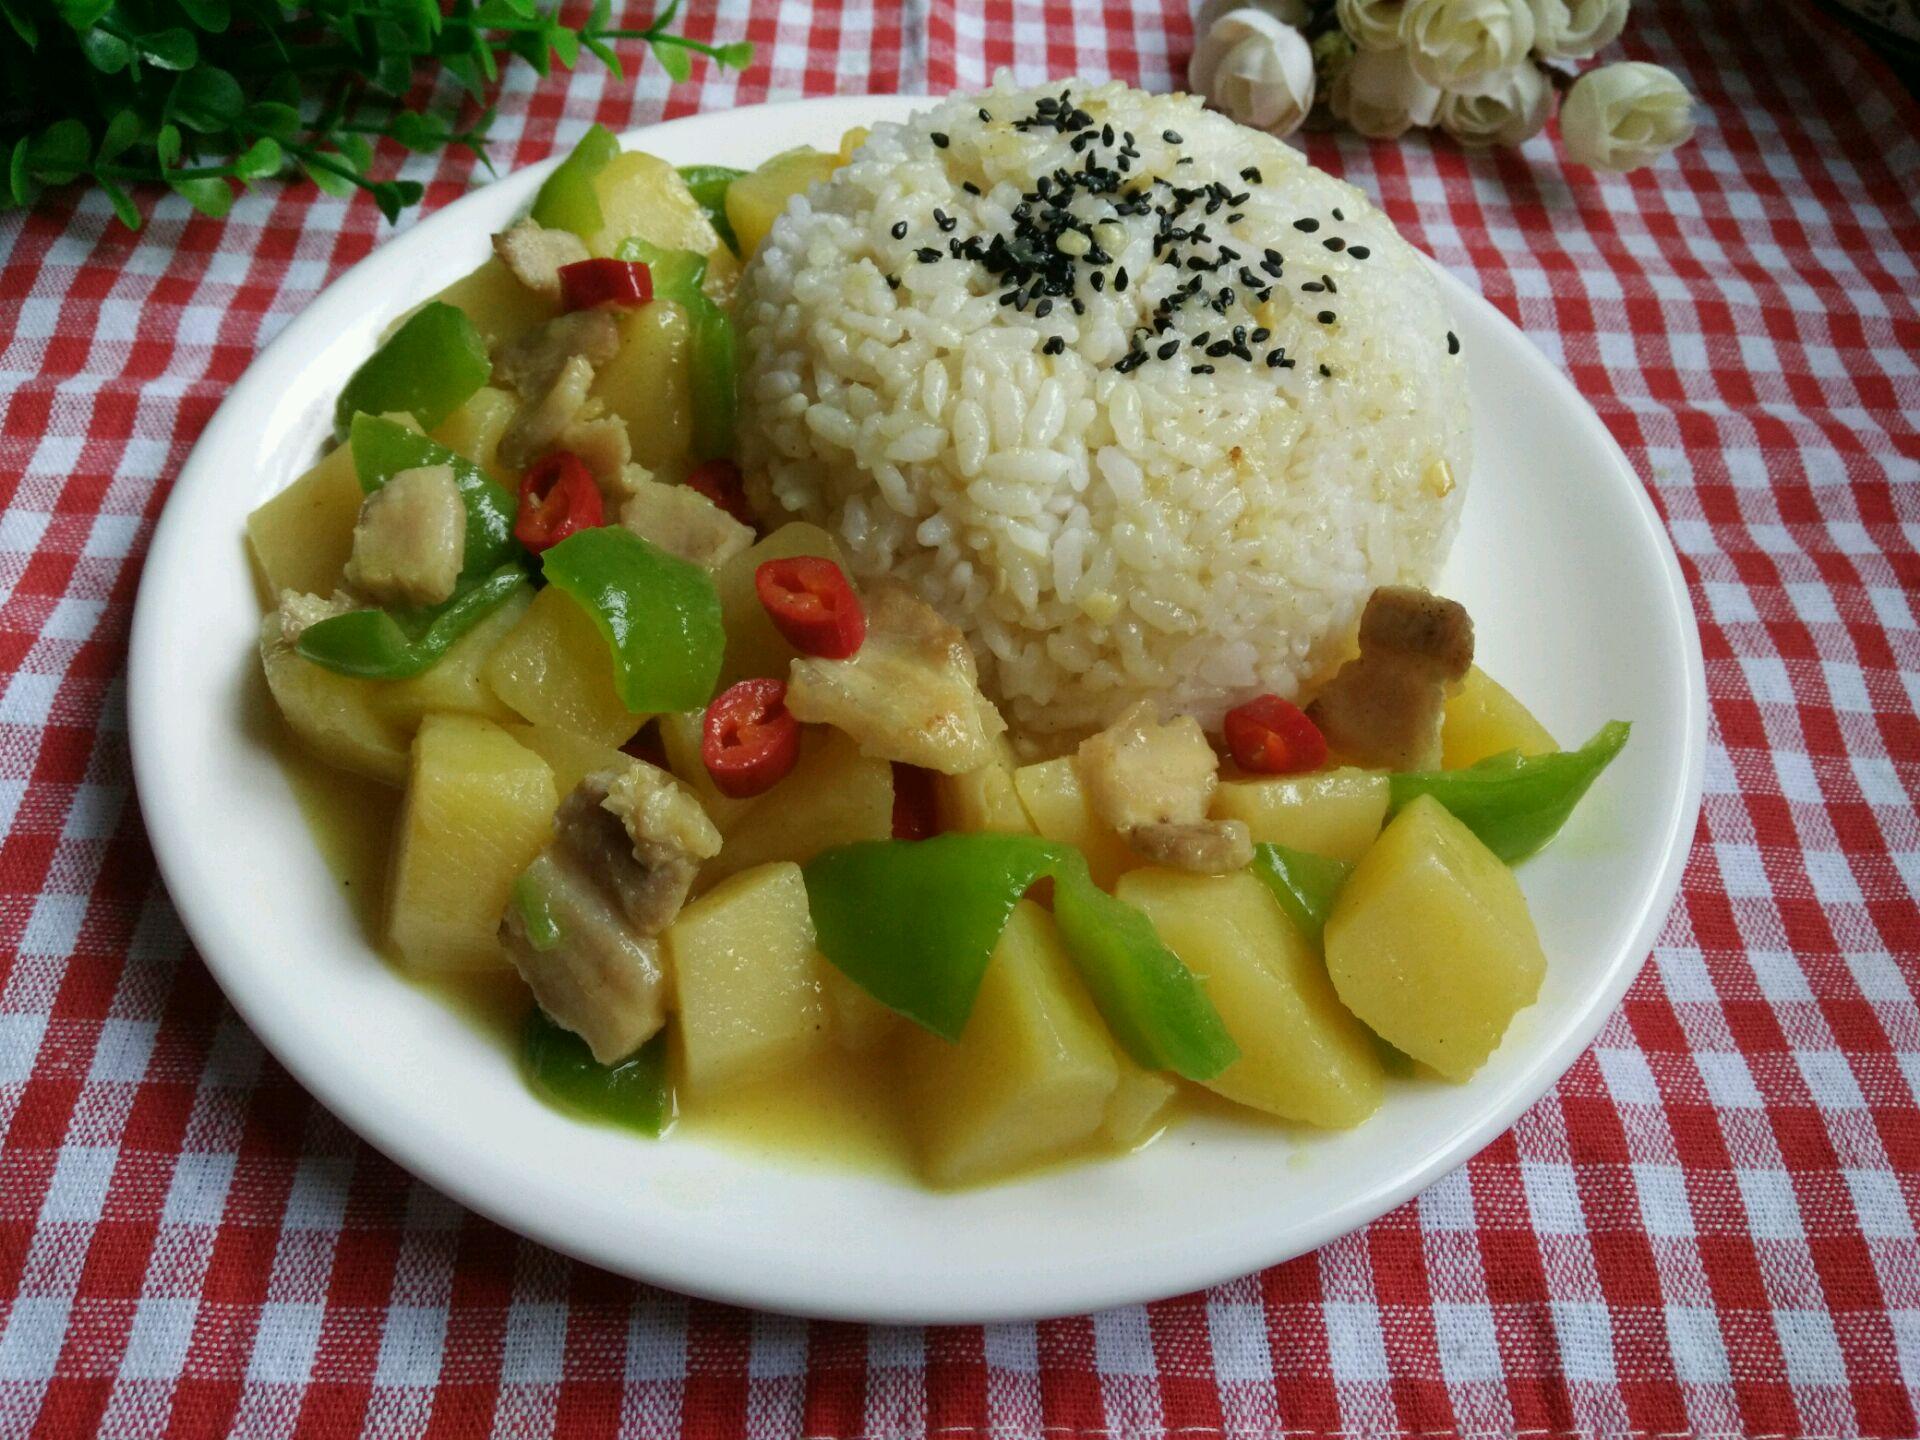 咖喱一块 盐适量 味精适量 咖喱土豆盖浇饭的做法步骤        本菜谱